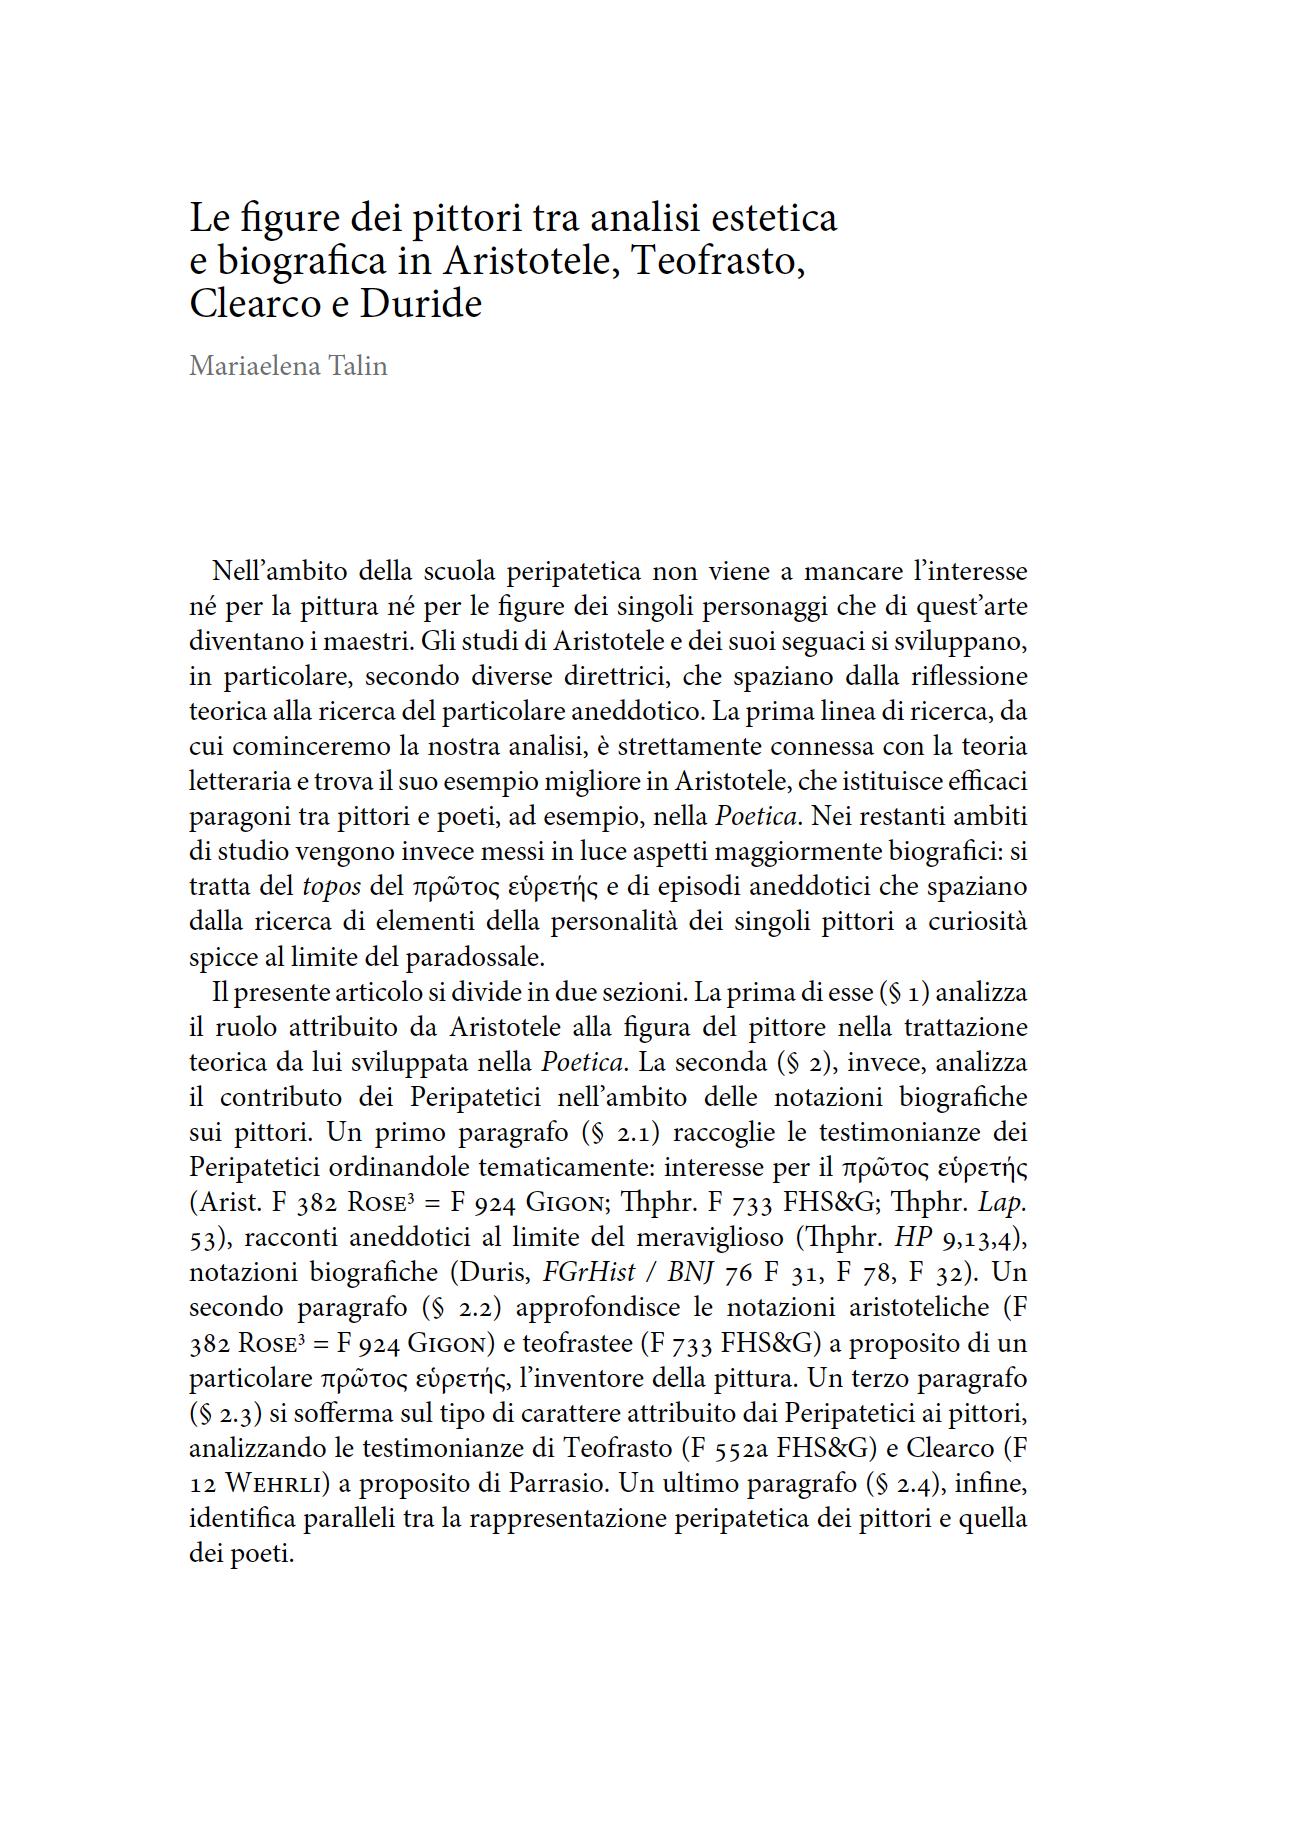 Le figure dei pittori tra analisi estetica e biografia in Aristotele, Teofrasto, Clearco e Duride